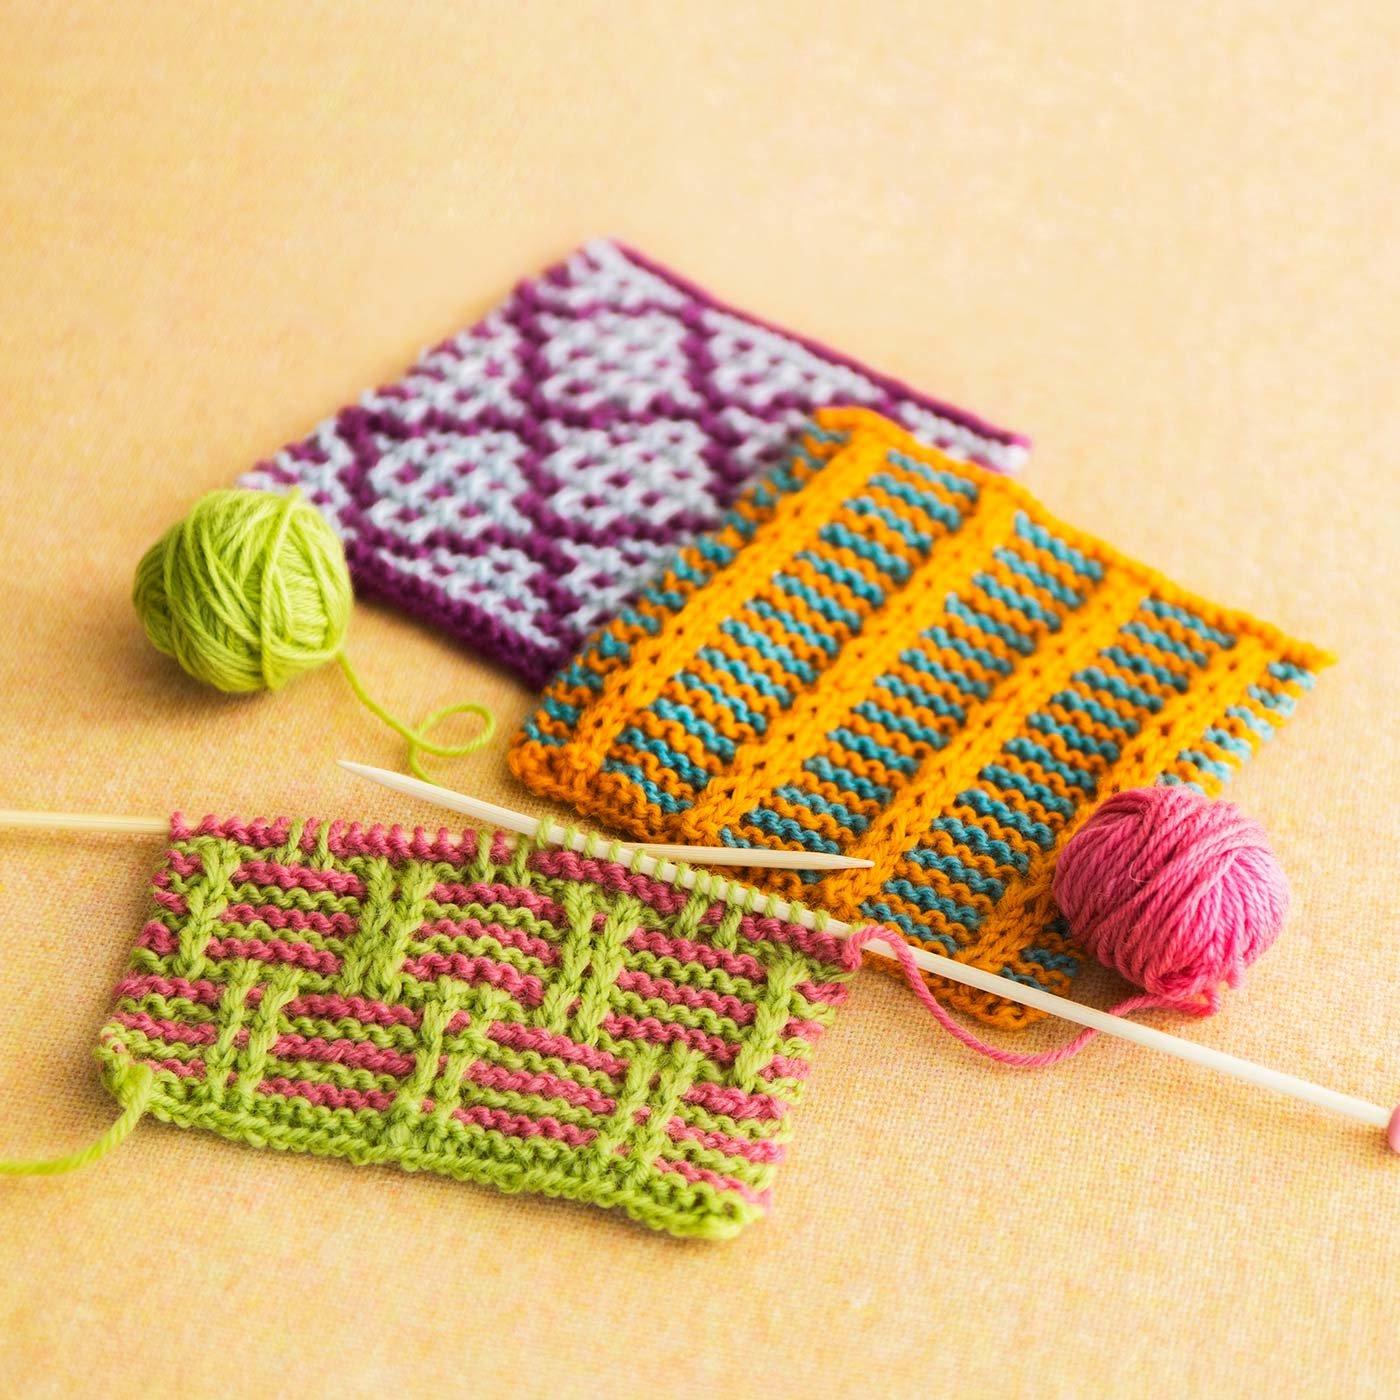 「はじめてさんのきほんのき」風工房さんに教わる 棒針編みの色合わせレッスン